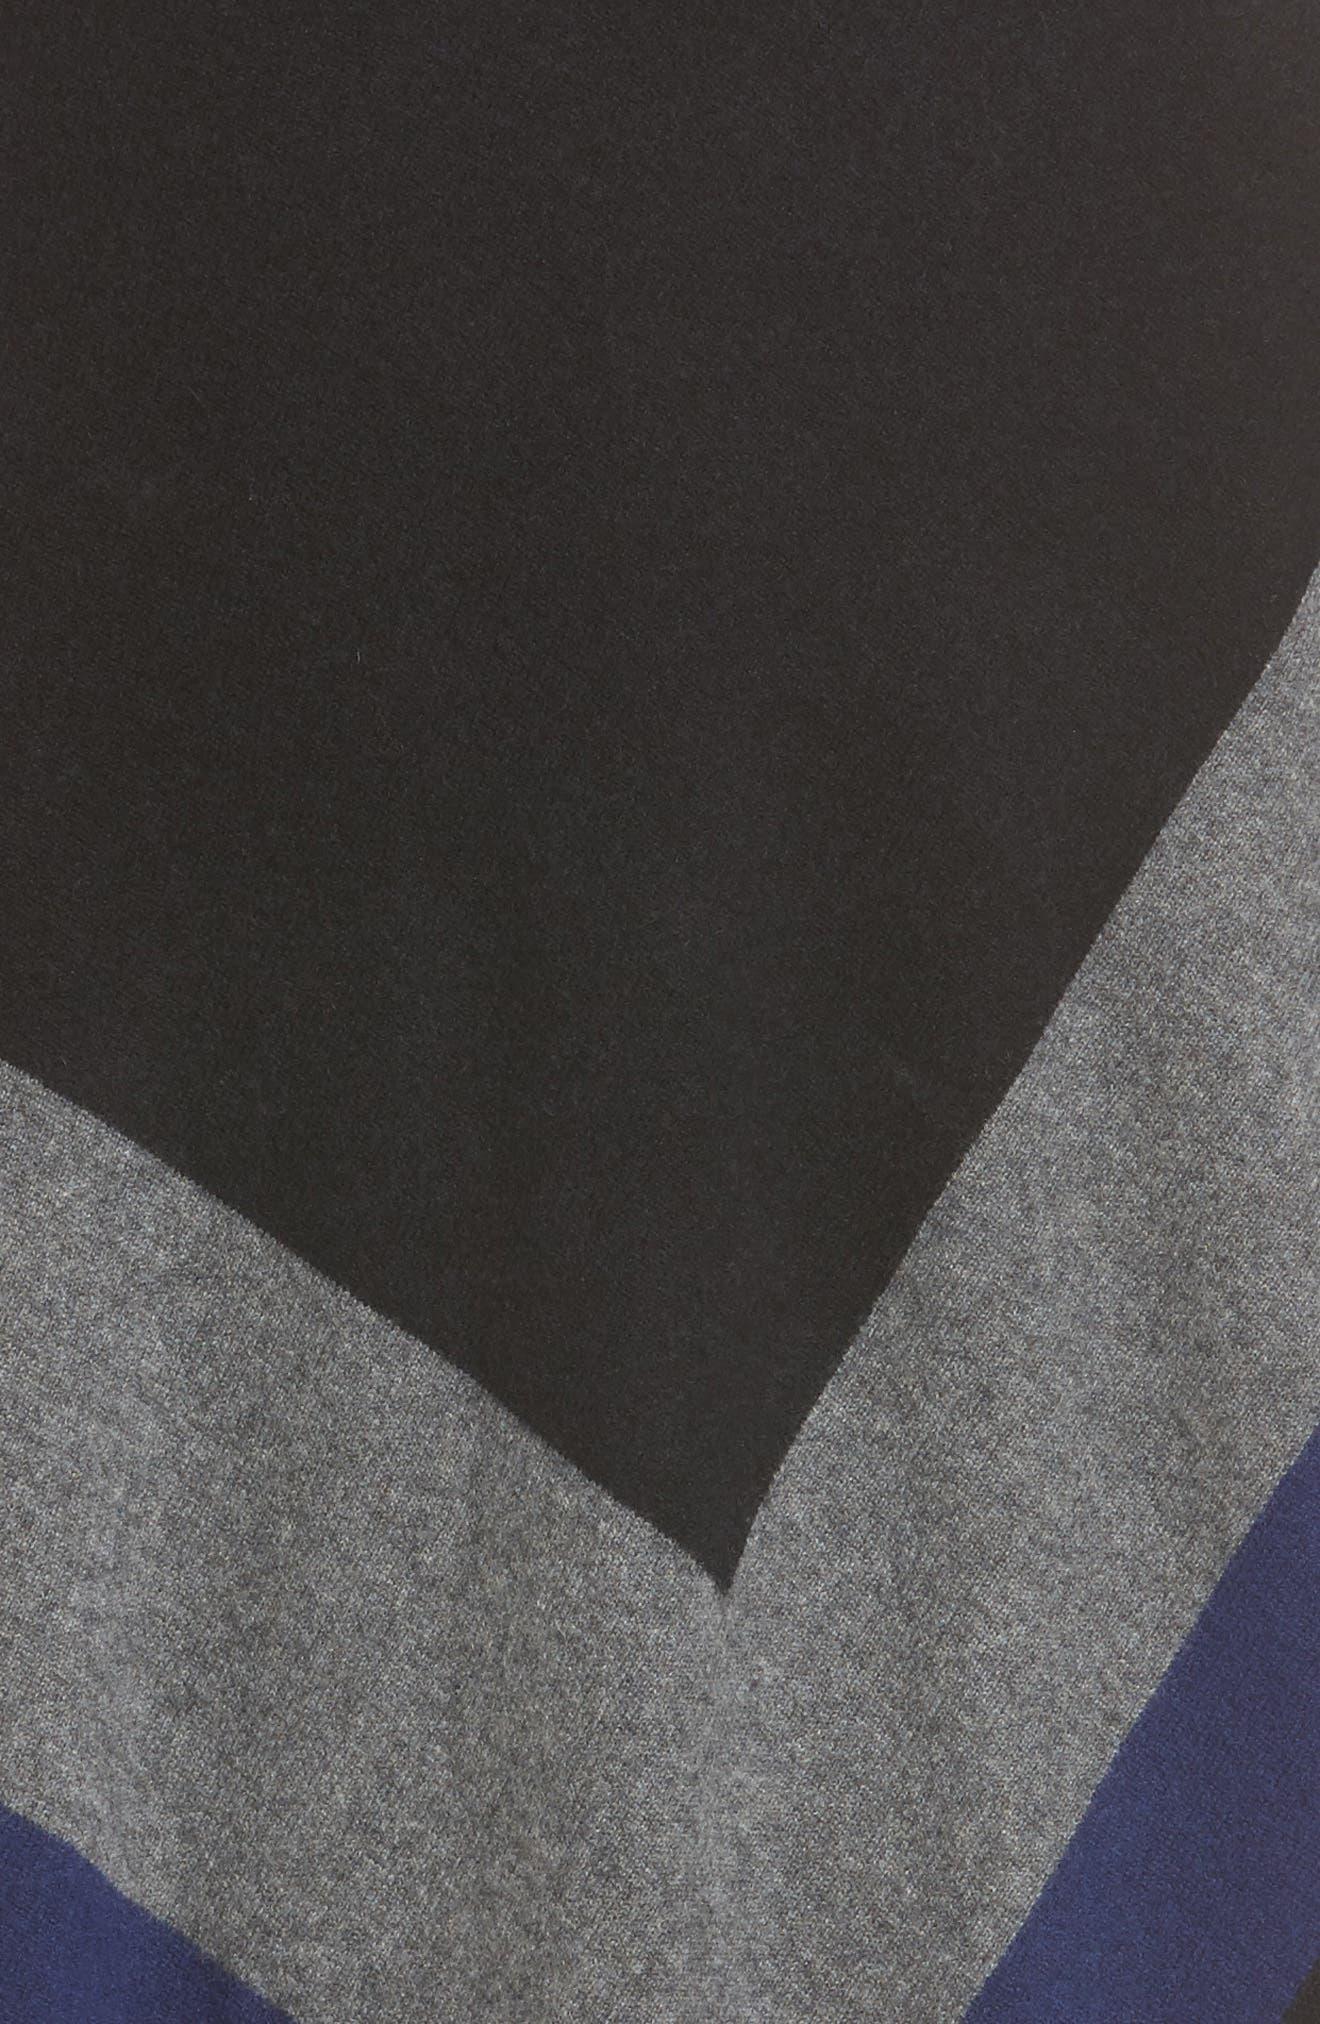 Tassel Trim Cashmere Wrap,                             Alternate thumbnail 5, color,                             001